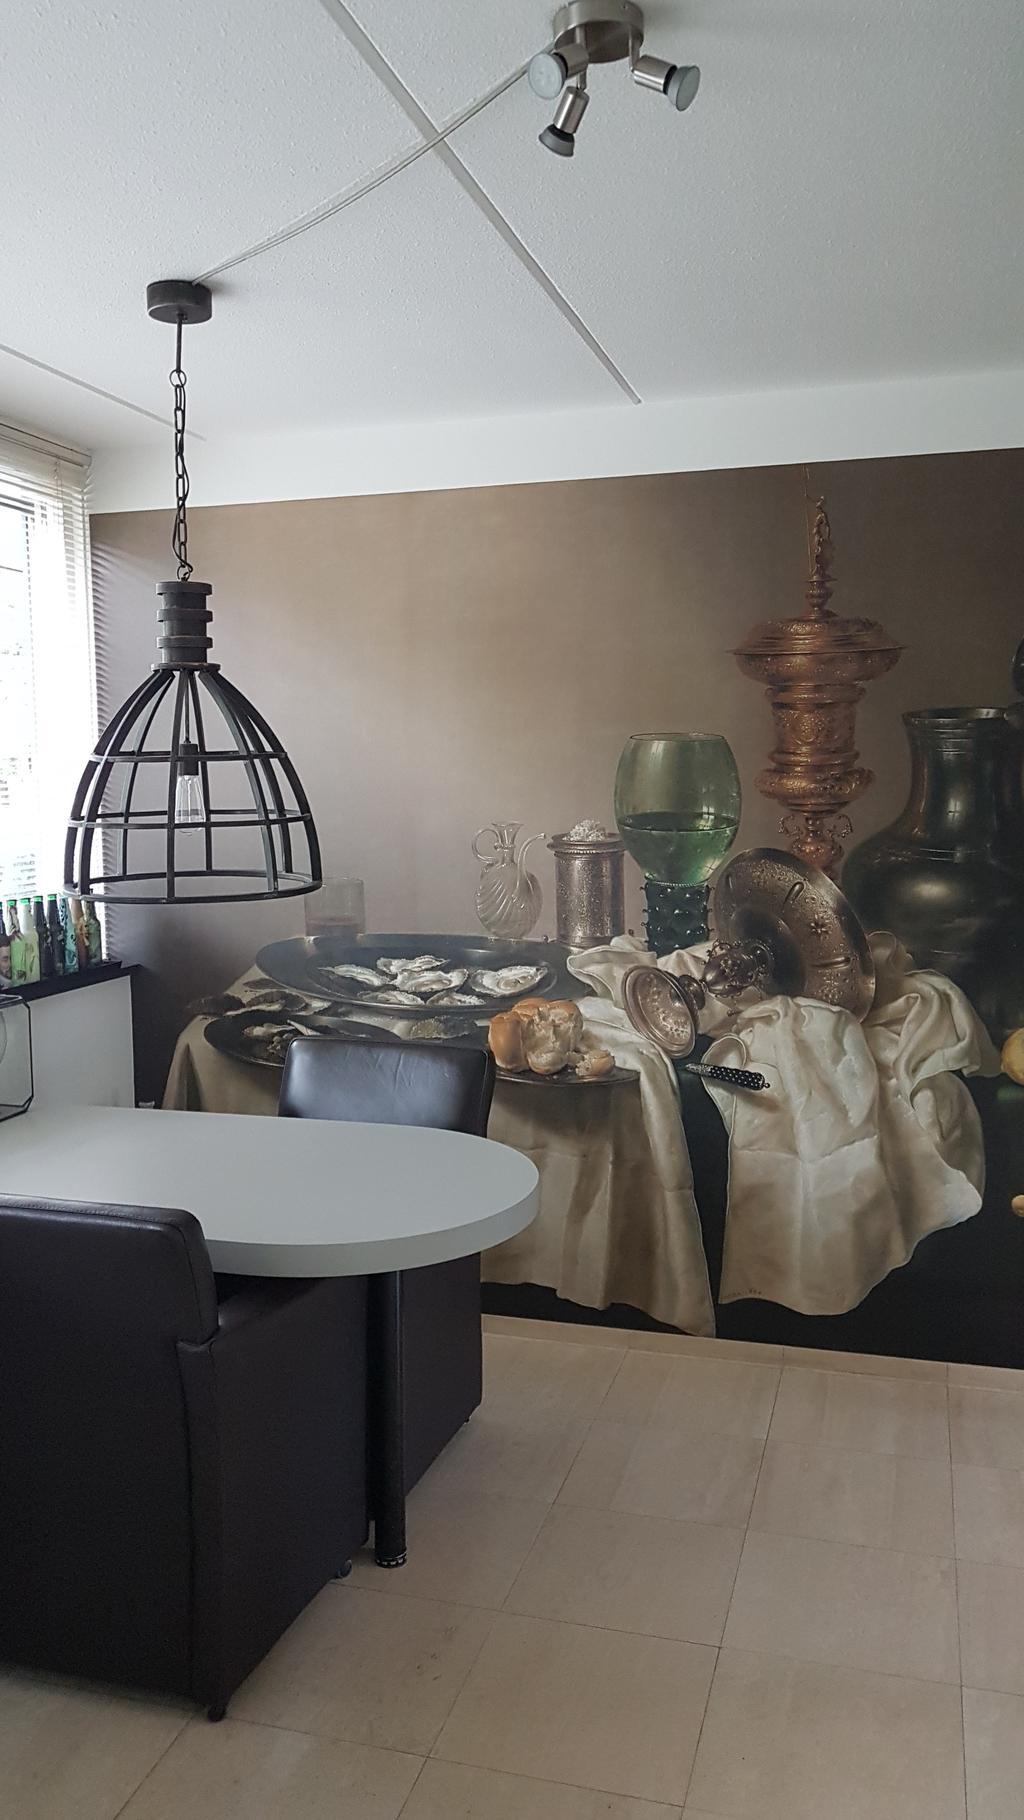 lekker-ontbijten-aan-de-keukentafel-met-uitzicht-op-het-prachtige-schilderij-van-heda-uit-1635-de-vergulde-bokaal